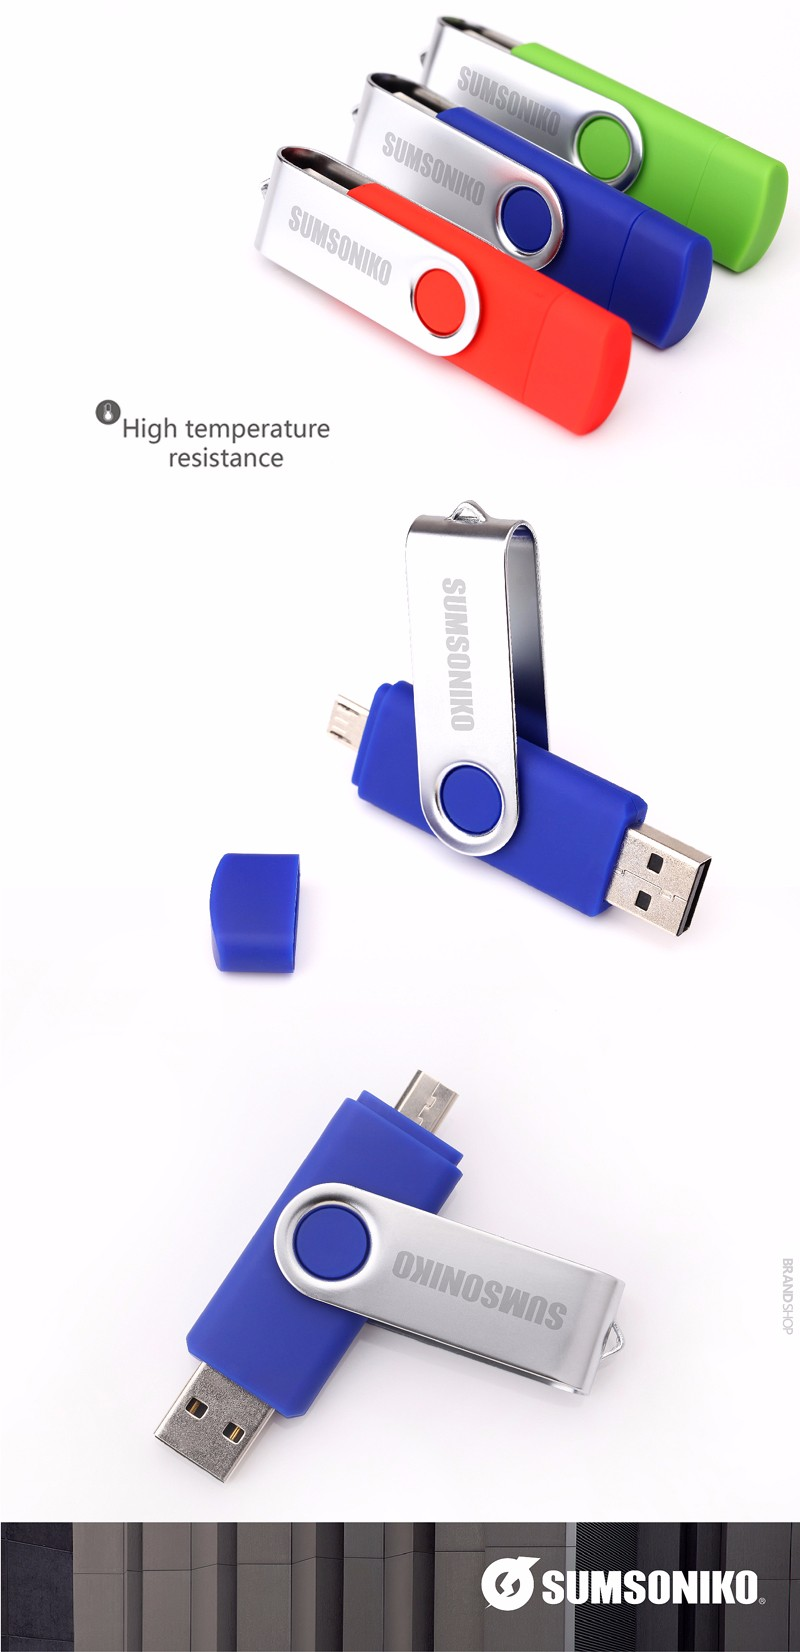 SUMSONIKO USB Flash Sürücü Yüksek Hız USB 2.0 OTG Kalem Sürücü özel Hediye Telefon USB Flash Memory Stick Özel teklif Ücretsiz Gönderim